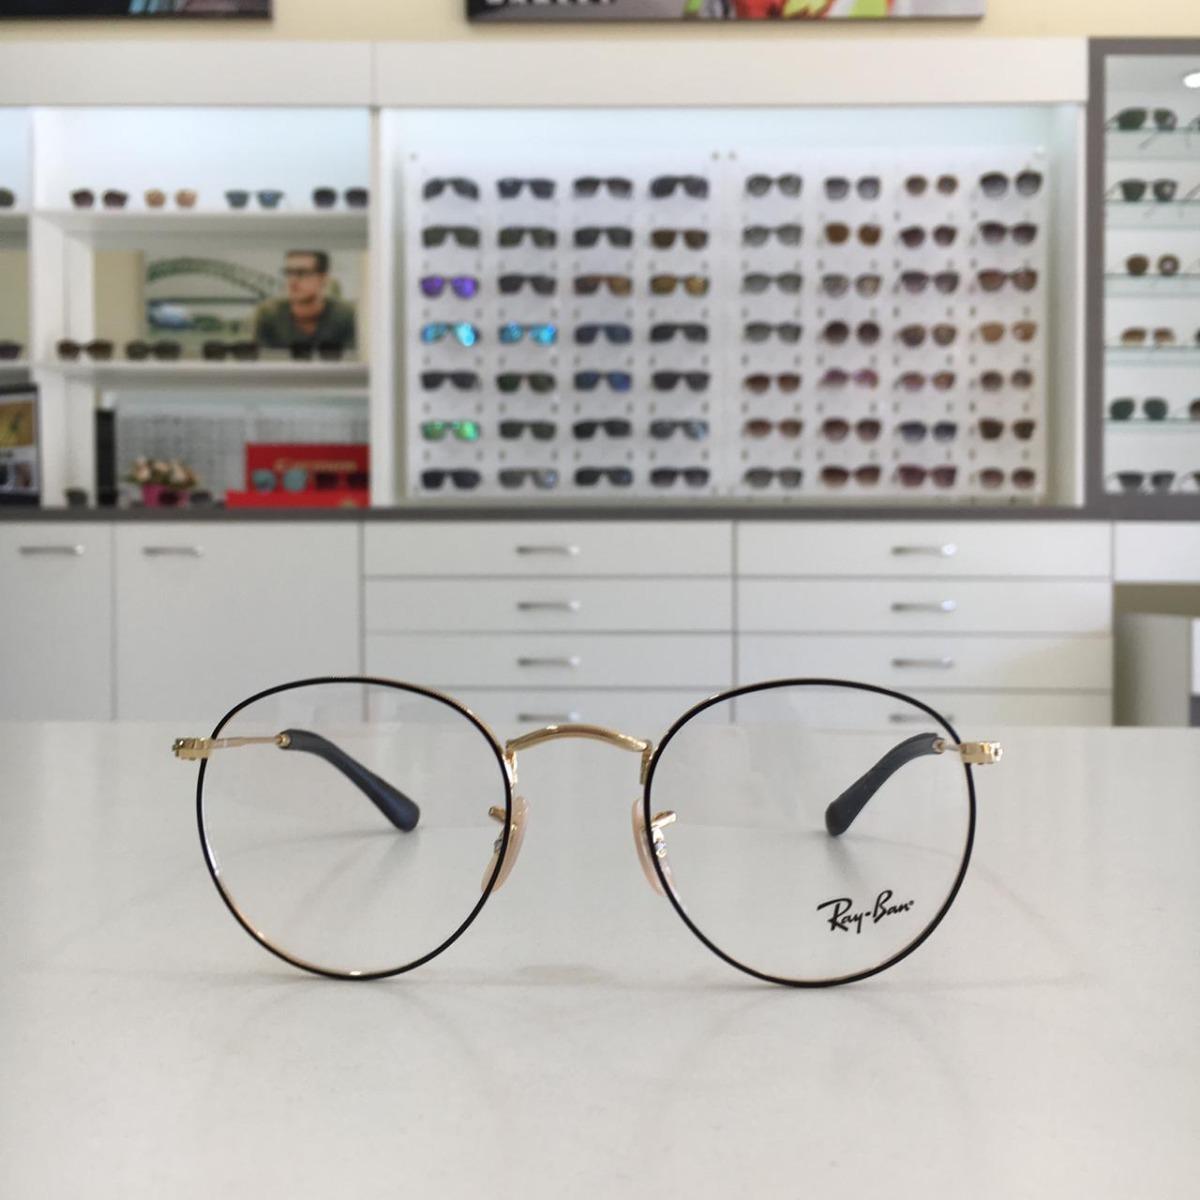 9f7fd673d Óculos De Grau Ray Ban Round Rb 3447 2946 - Original - R$ 339,00 em ...